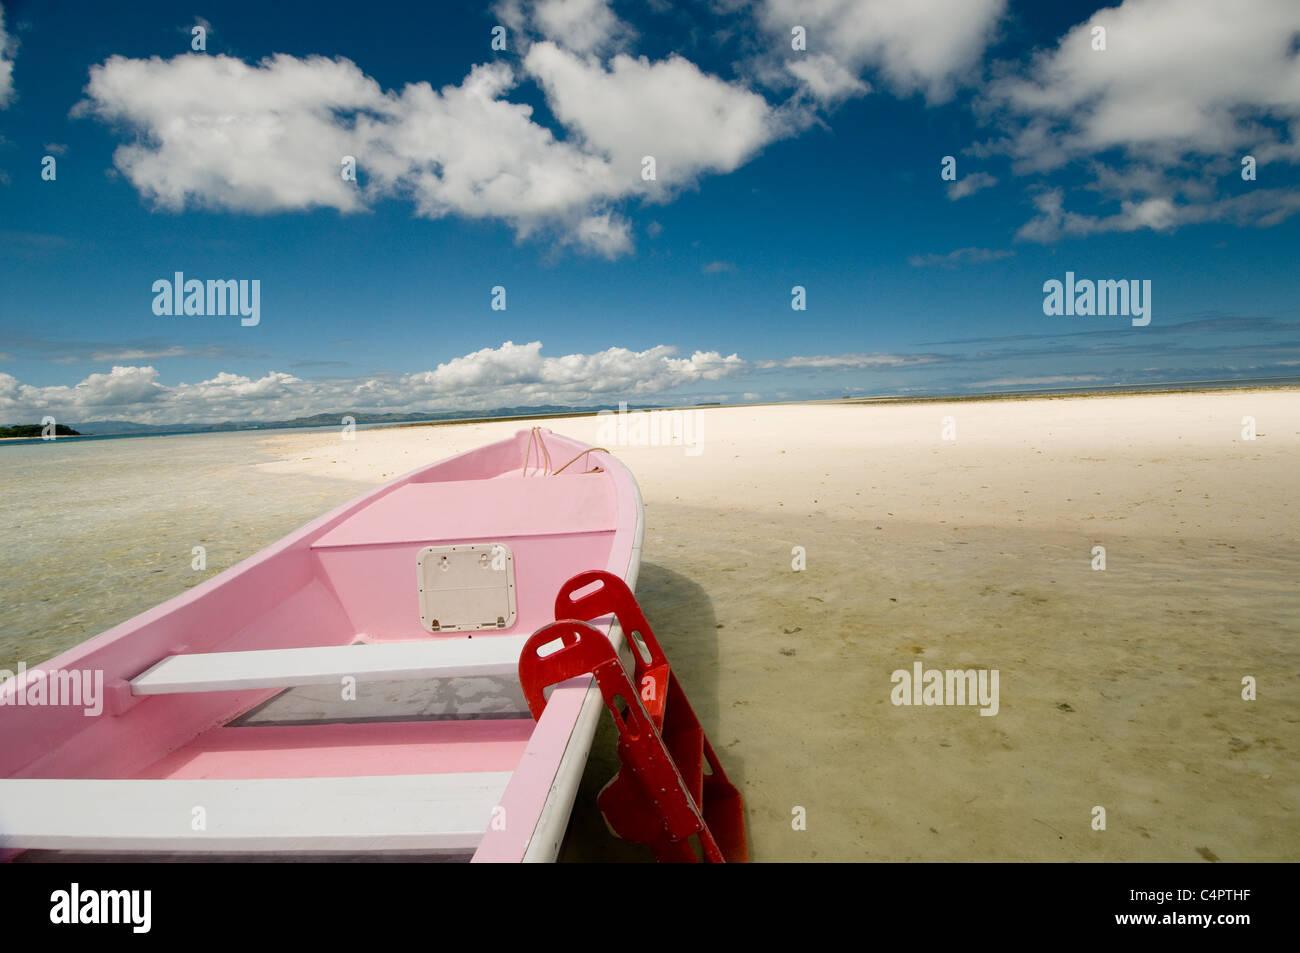 Bateau peint rose sur la plage de sable sur la barre de sable island au large de Musket Cove dans le MaloloIsland Photo Stock